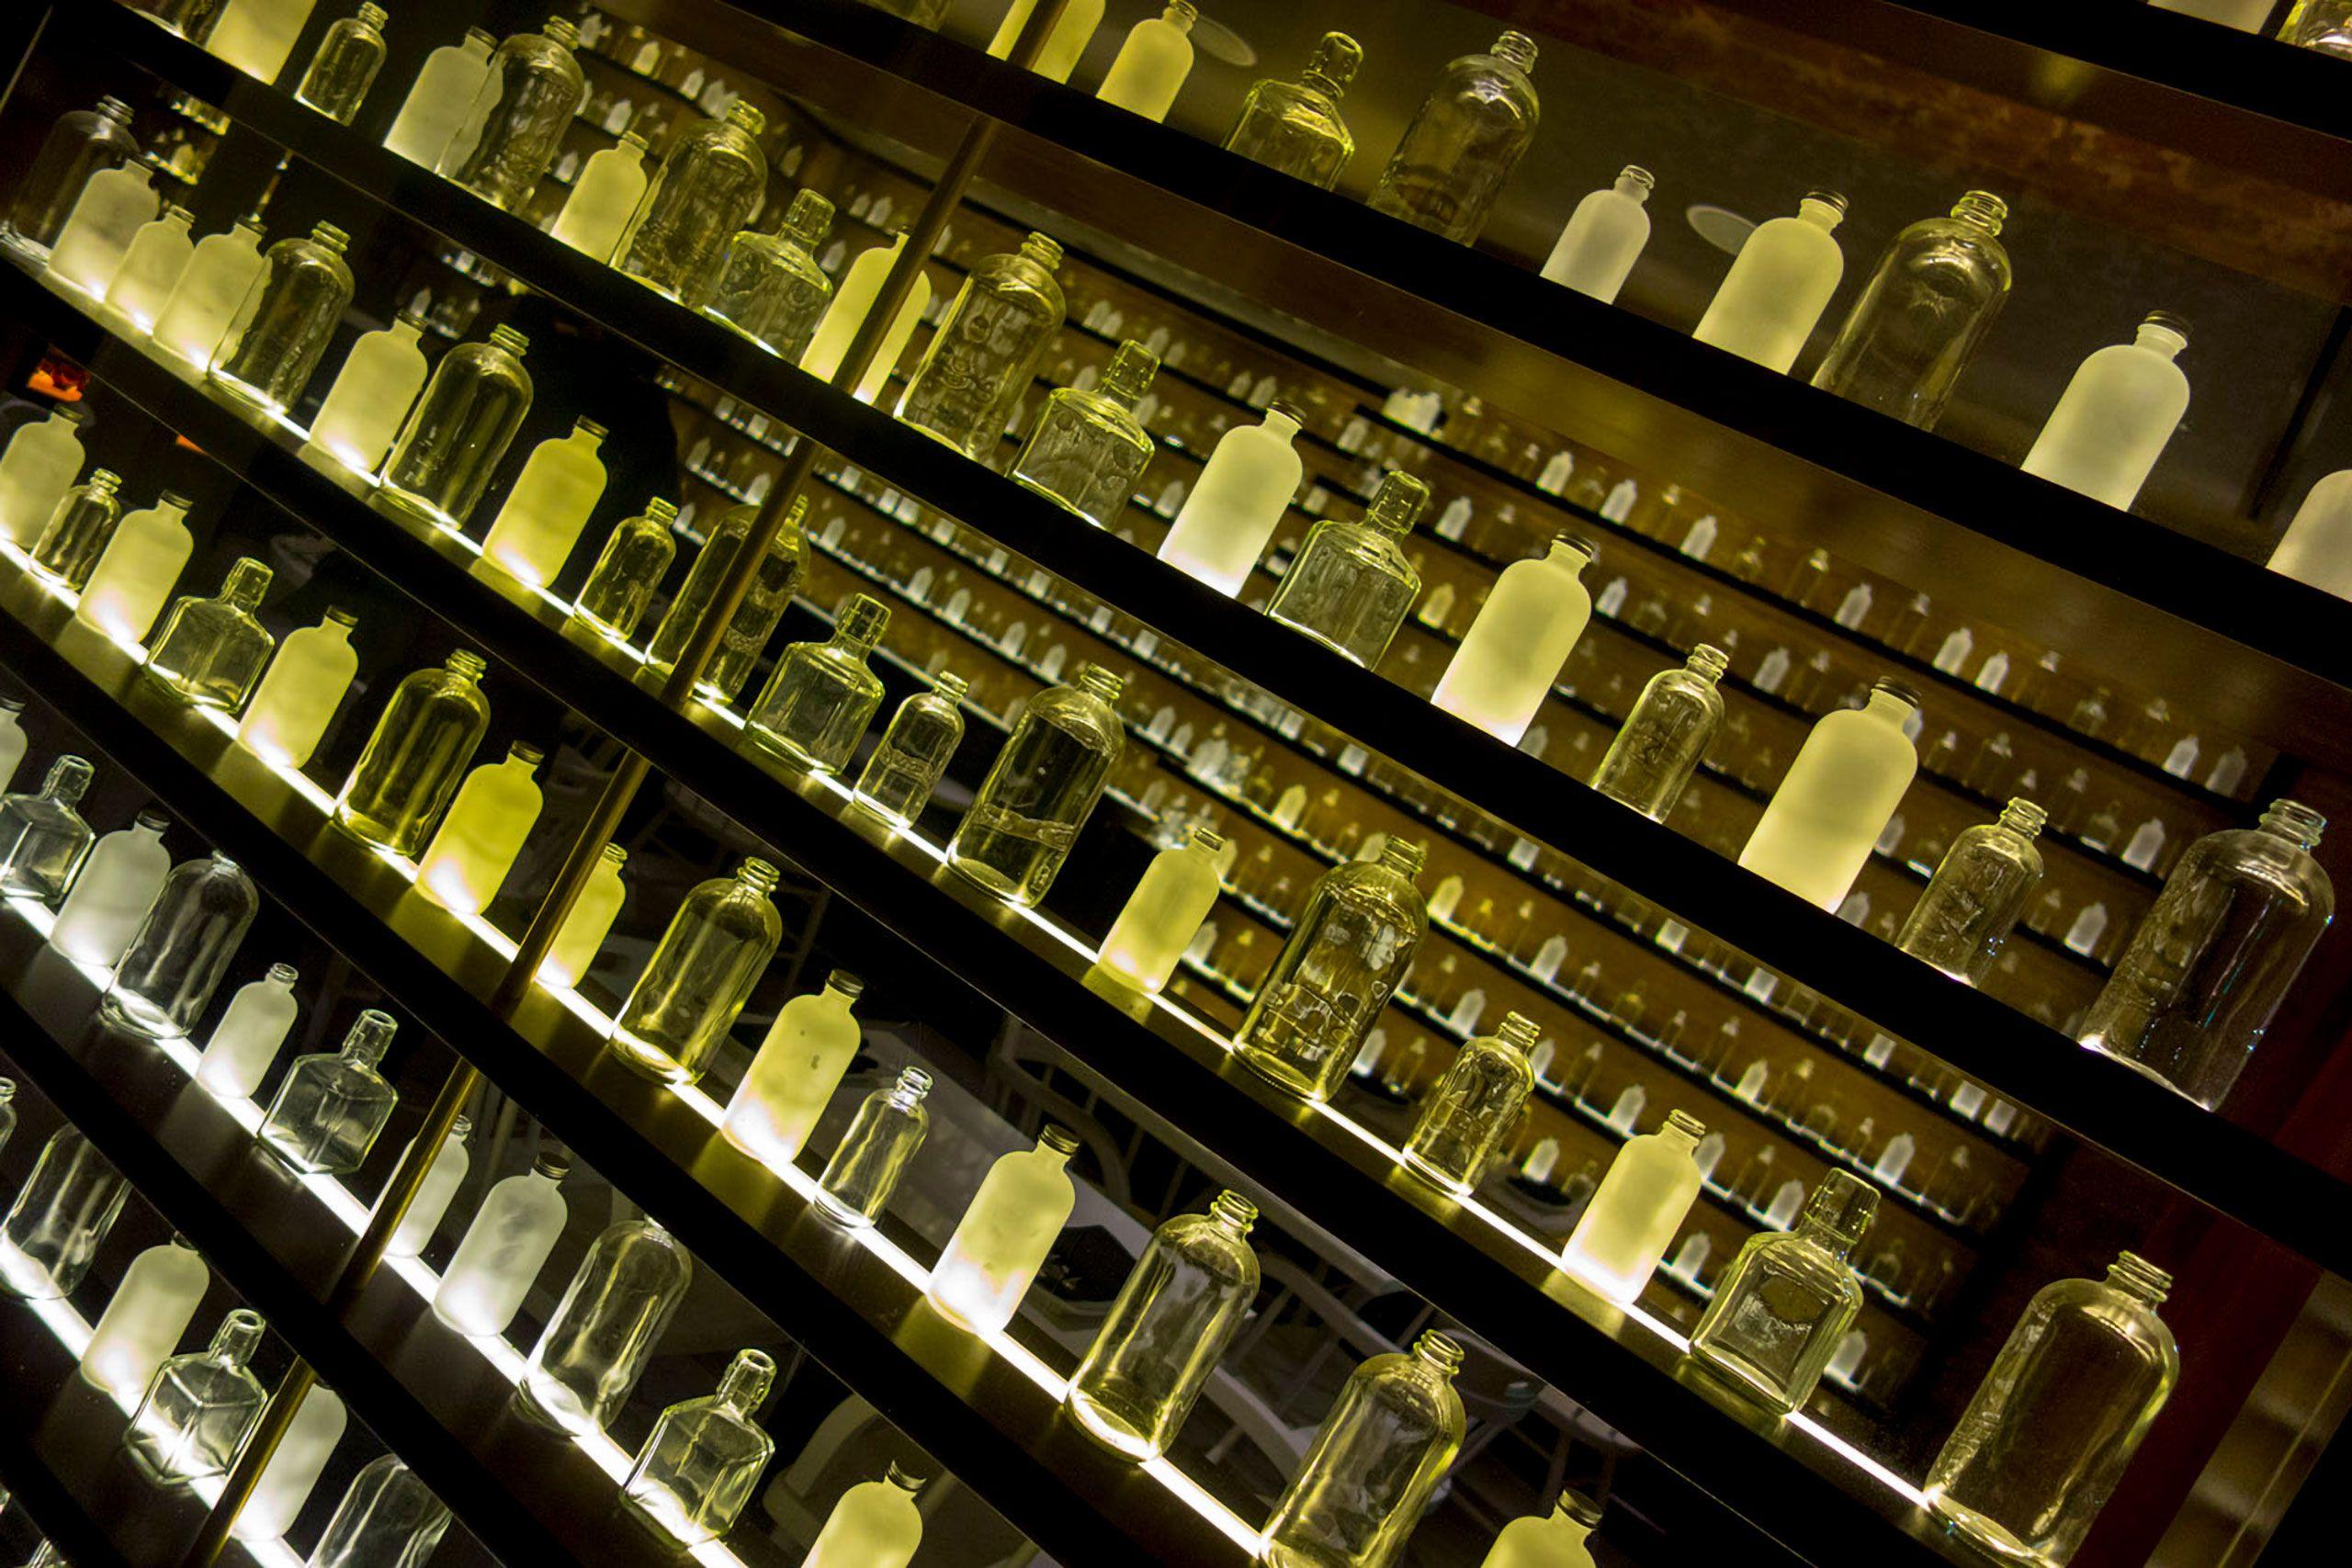 Bottles in a window Orleans Louisiana NOLA